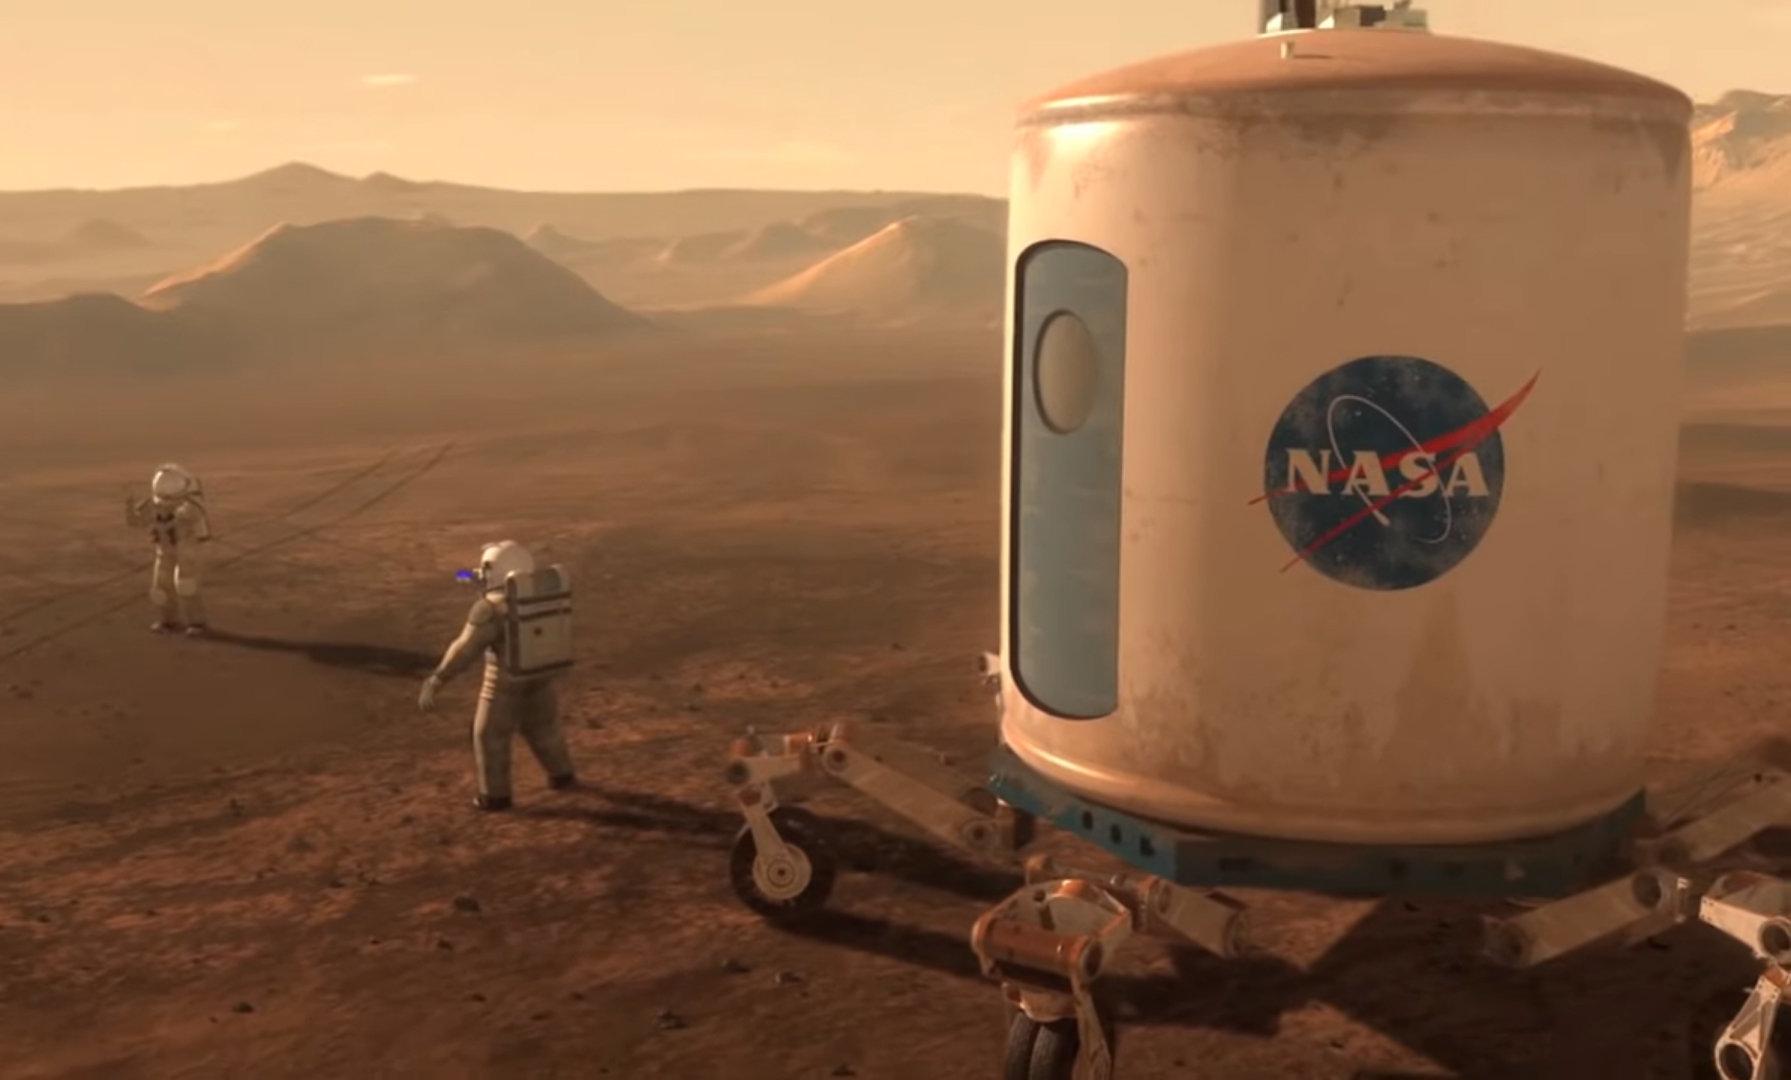 La Nasa veut retourner sur la Lune et le dit avec une bande-annonce digne d'un